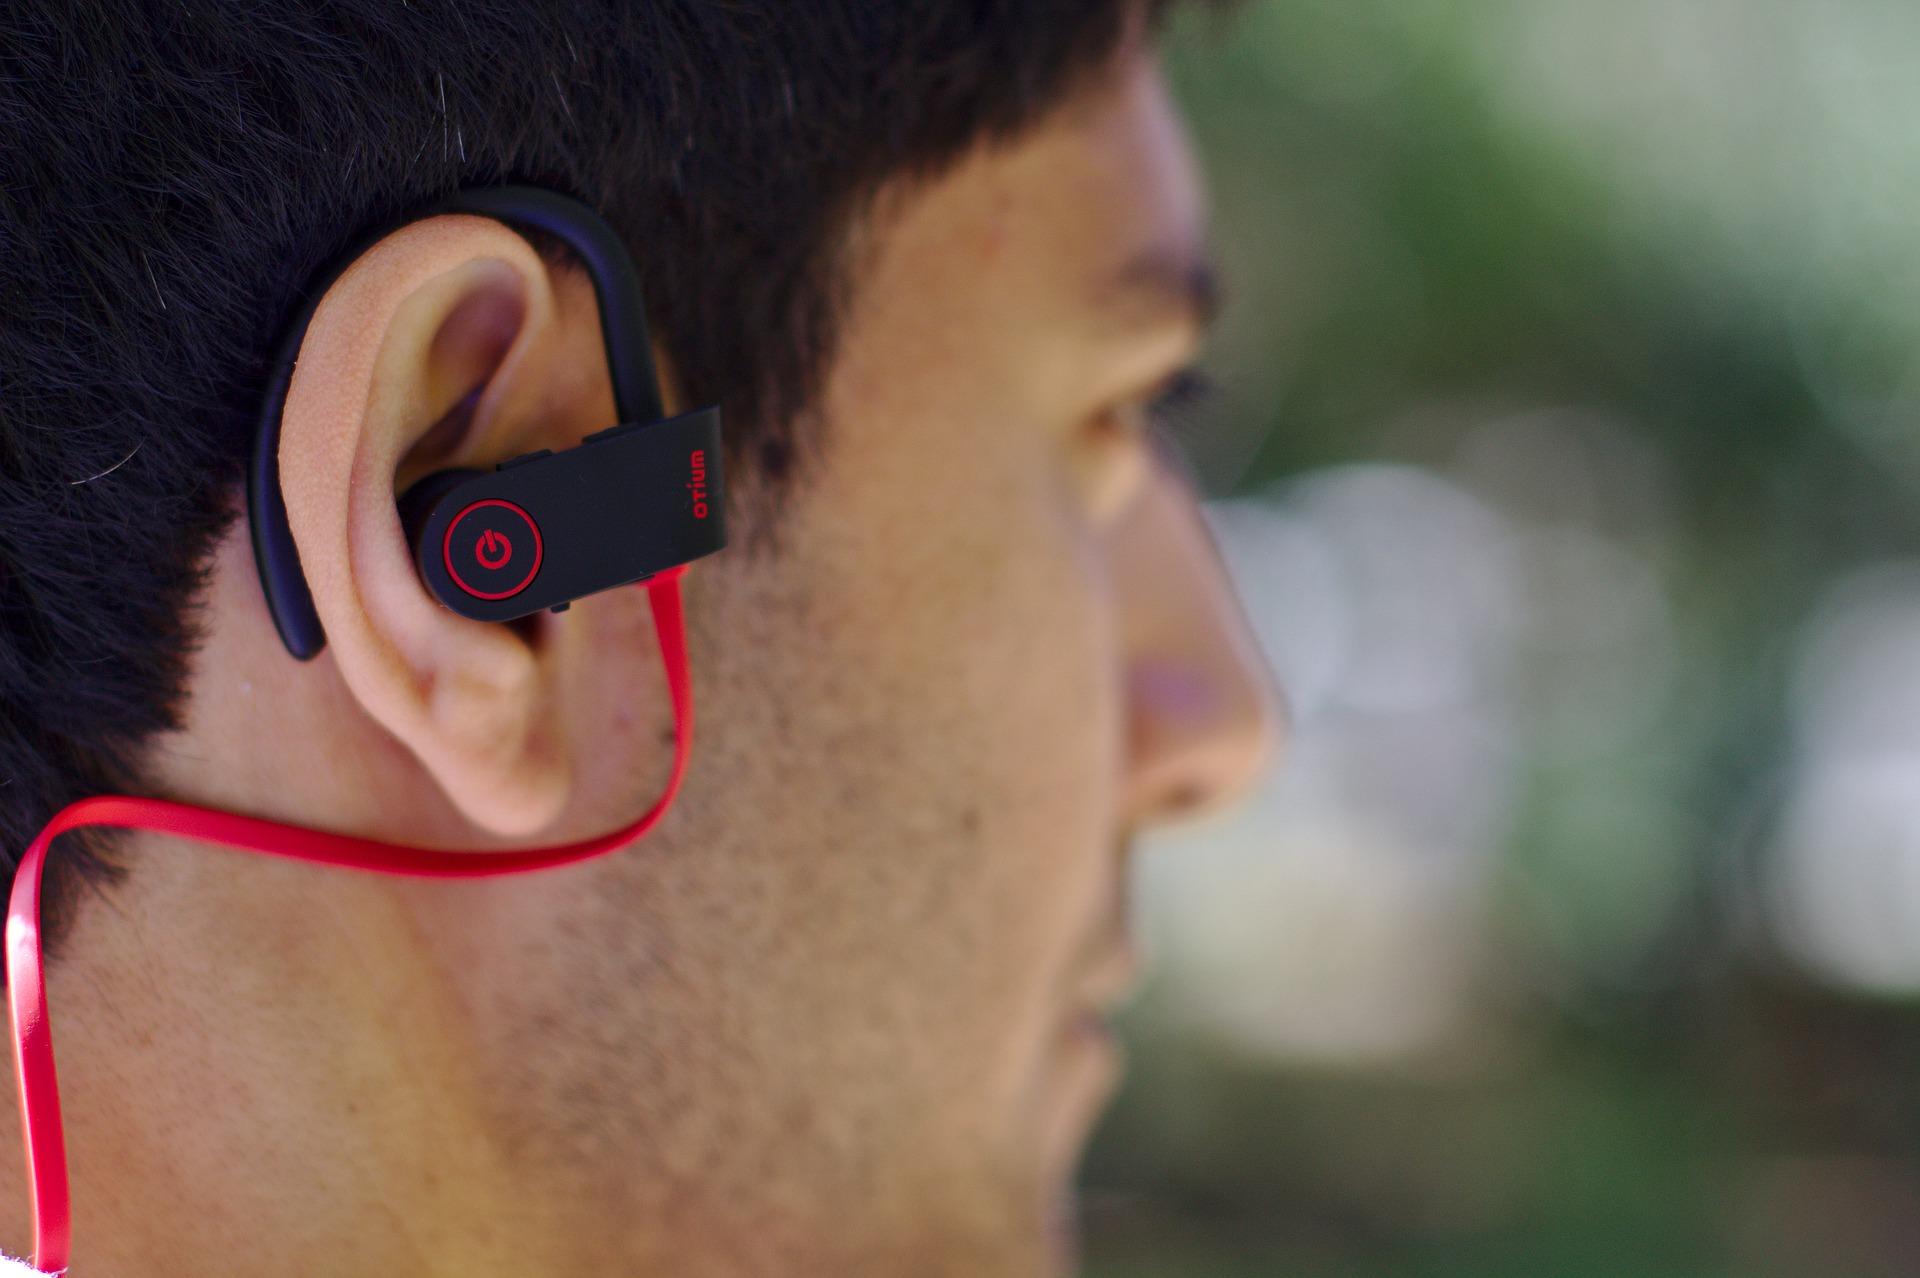 Man Wearing a Bluetooth Earpiece